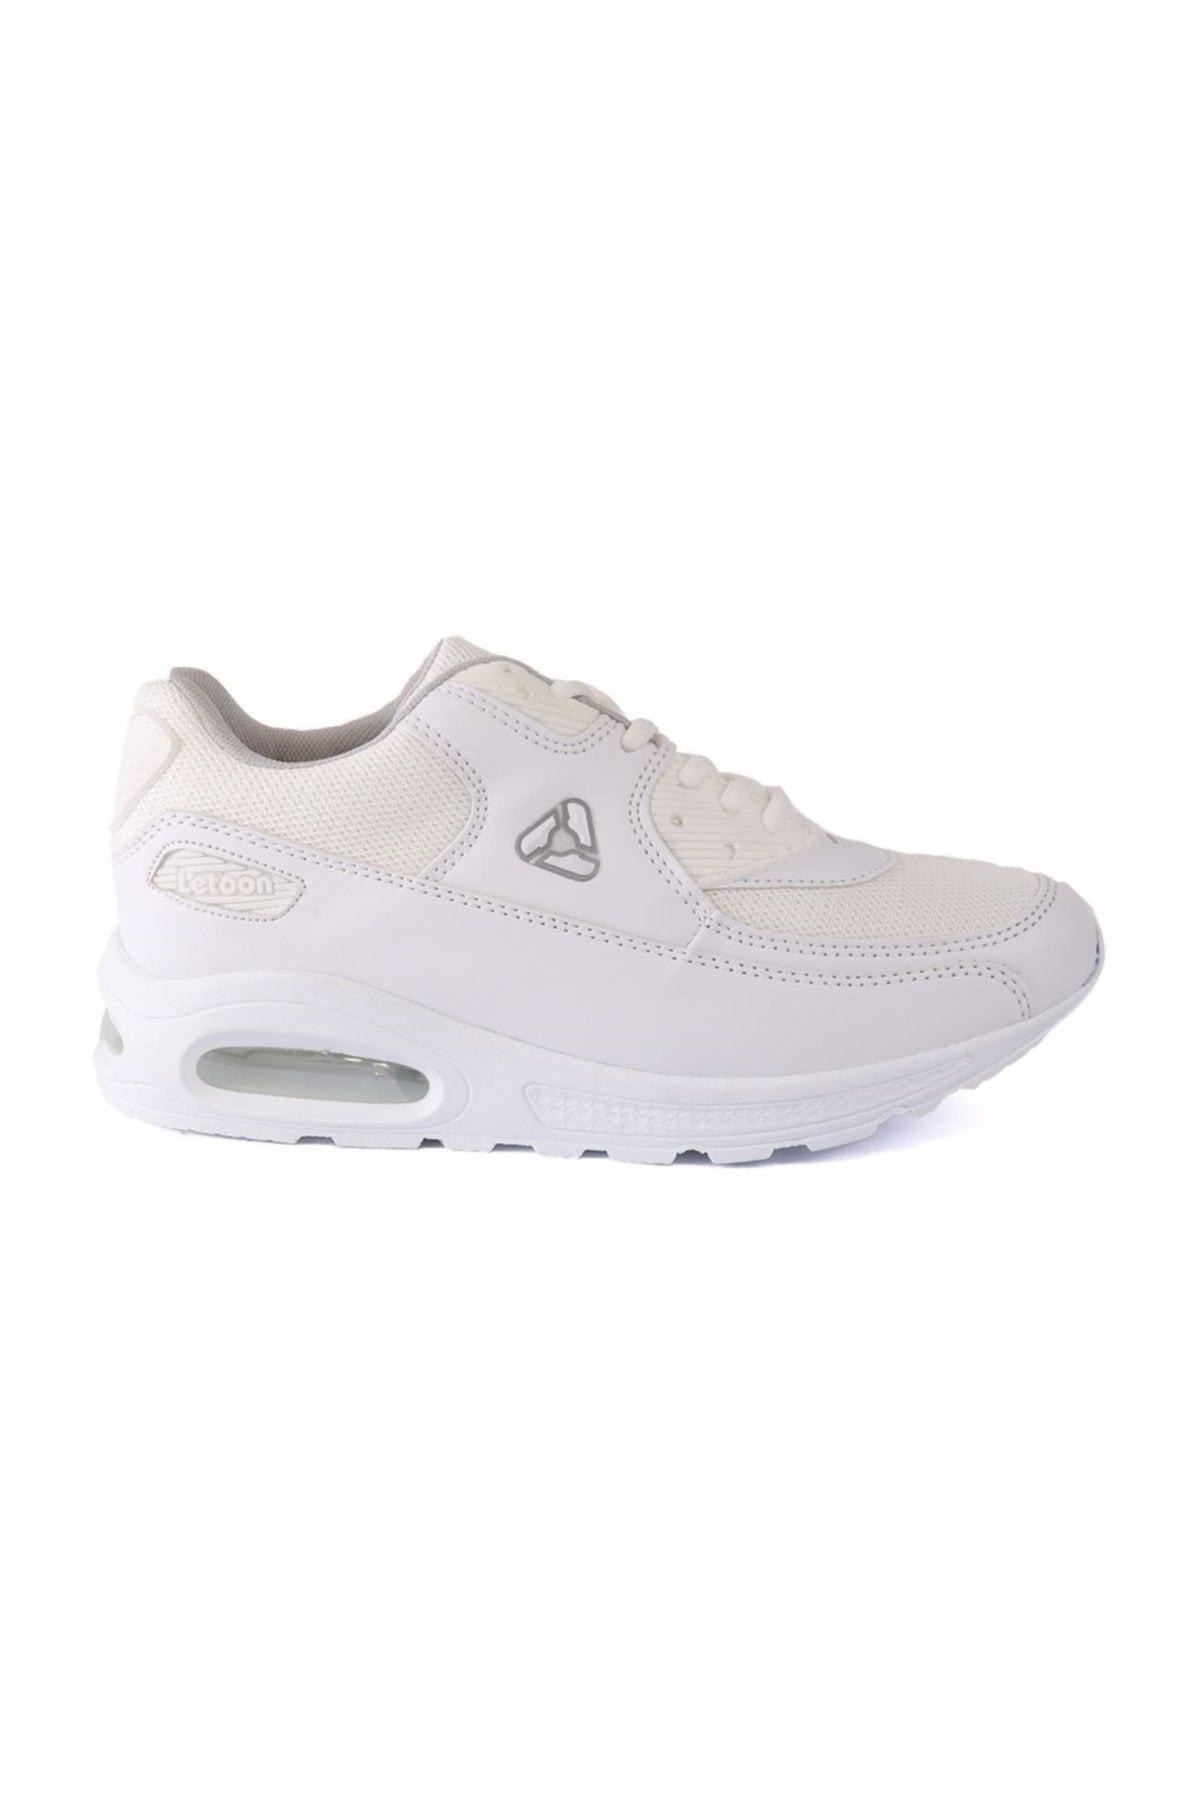 LETOON 3103y Unisex Spor Ayakkabı - Beyaz 1